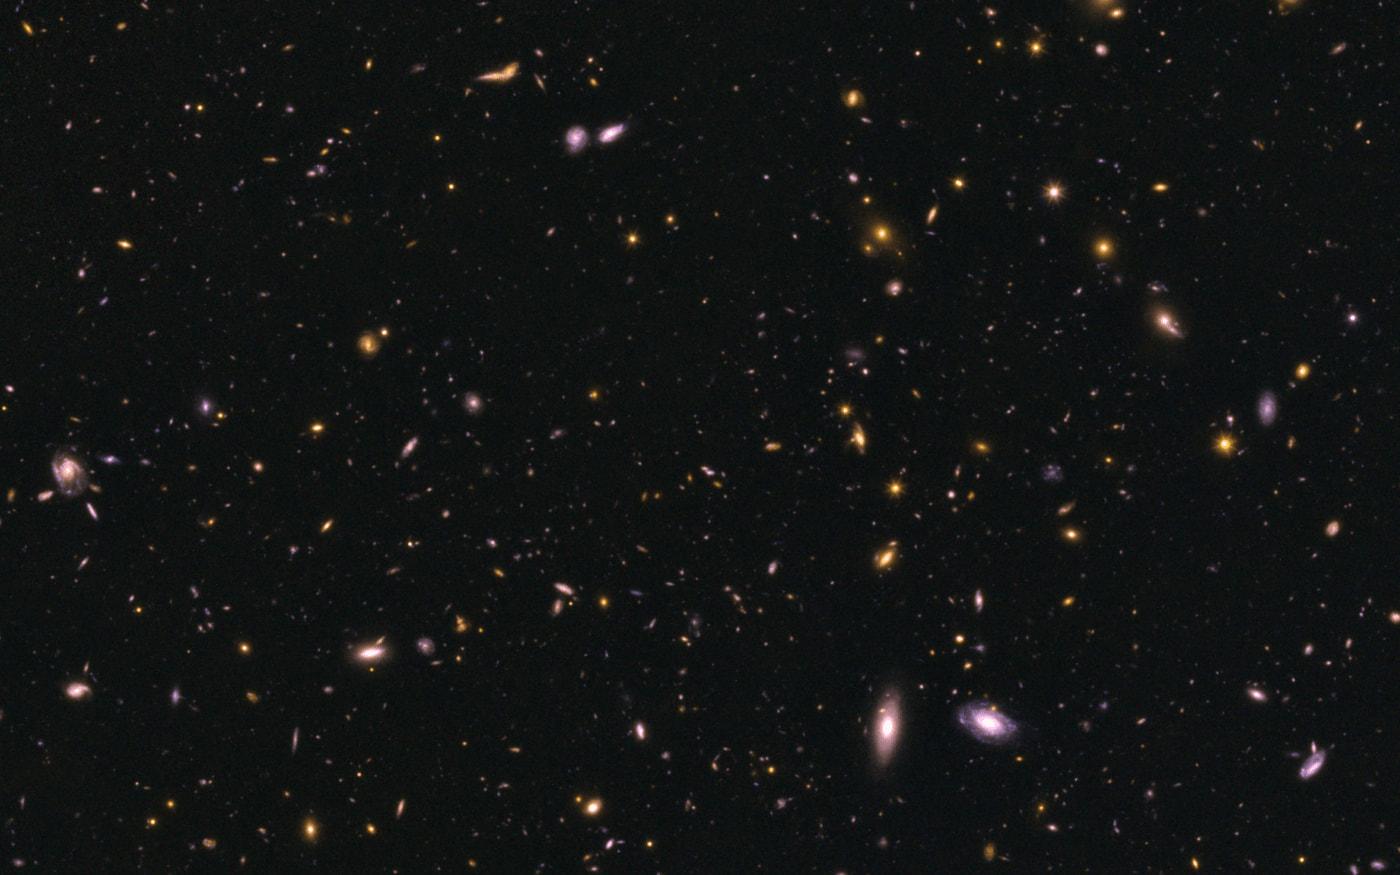 Telescópio Hubble registra imagem de galáxias após colisão